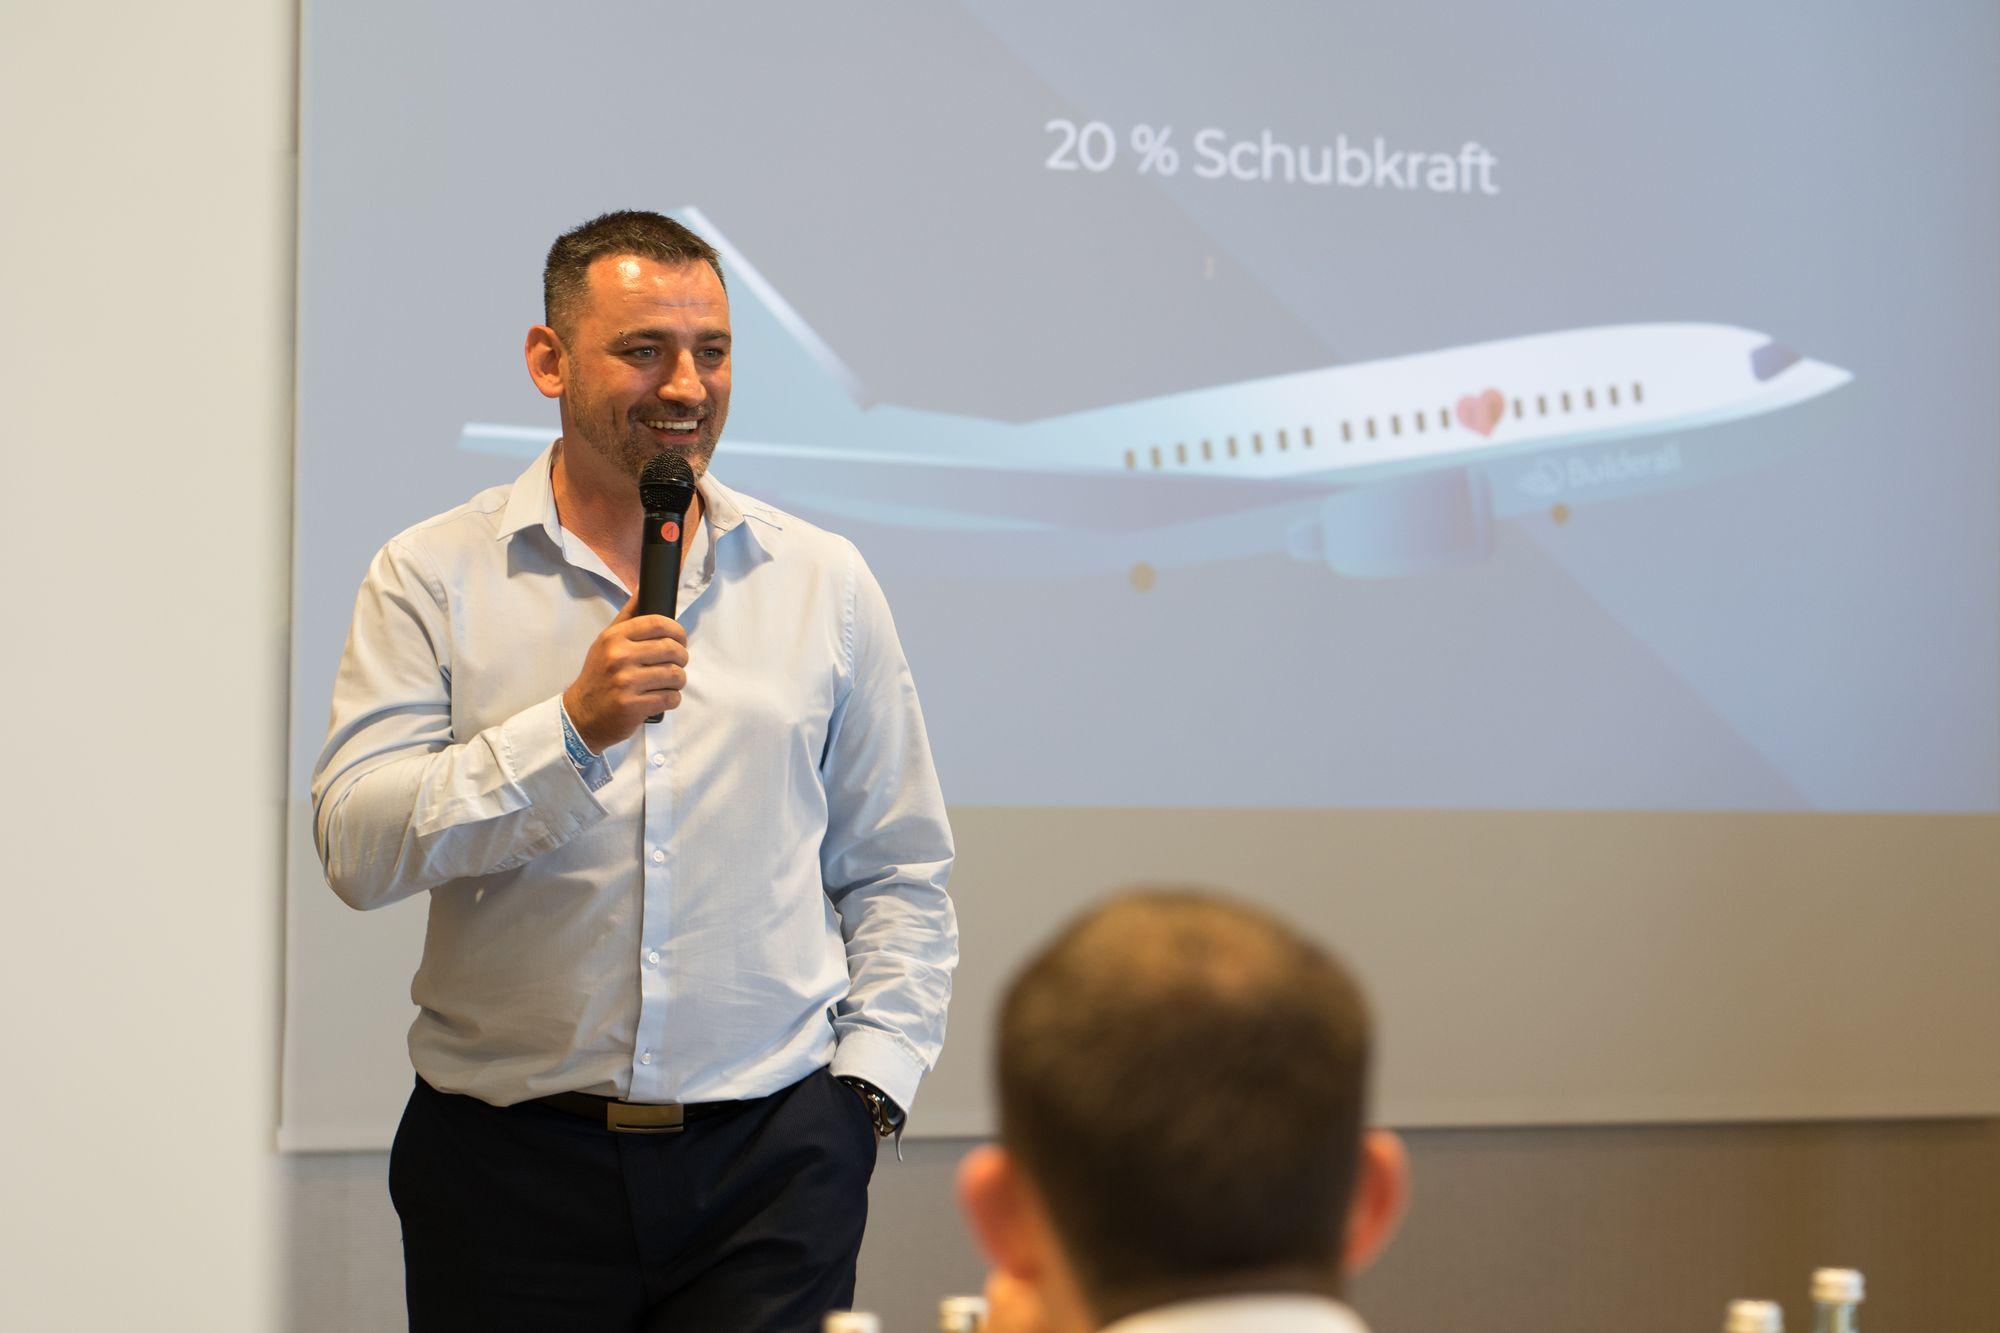 Marco Vantroba als Veranstalter, Moderator und Sprecher auf dem Builderall Everest 2019 in Nürnberg (Germany)